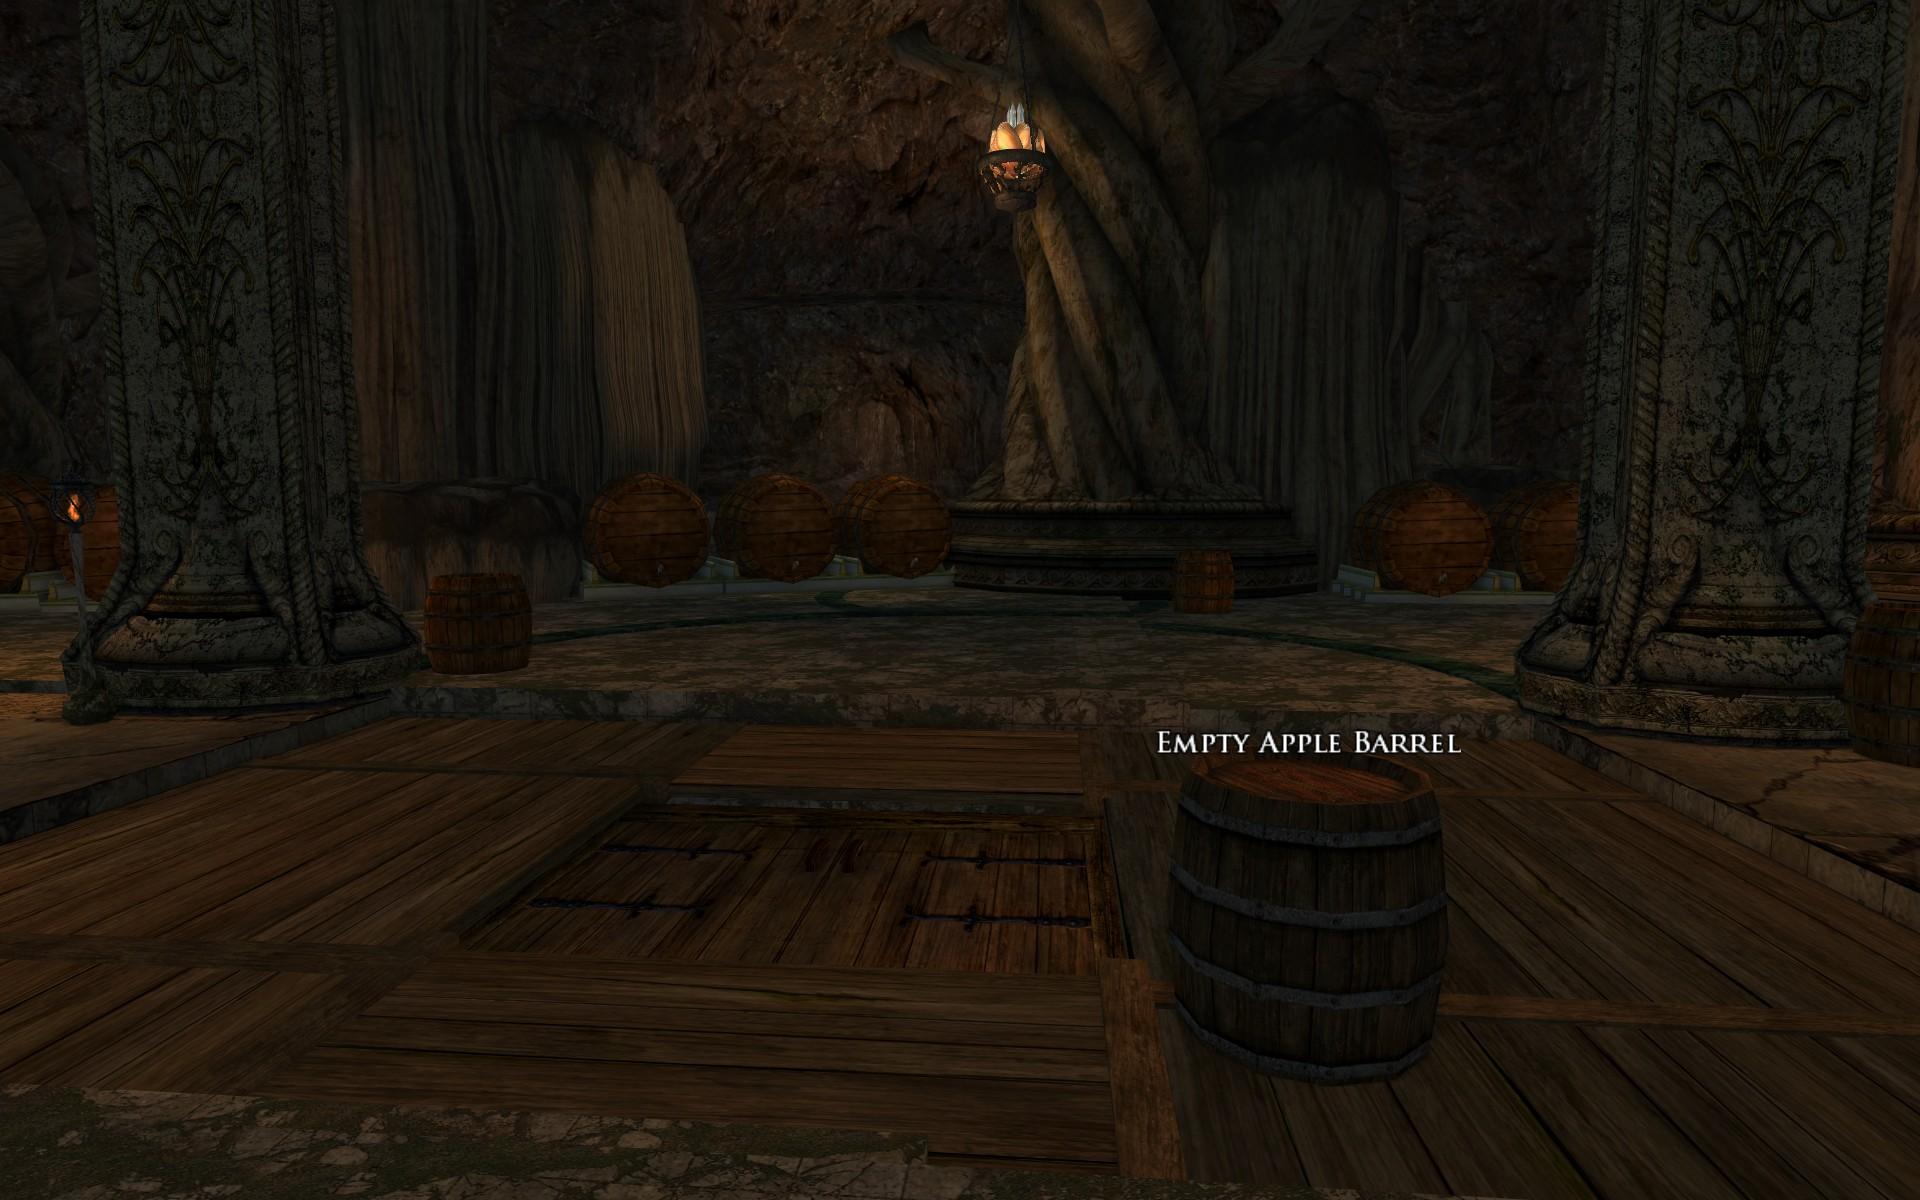 『ロード・オブ・ザ・リングス オンライン』におけるエルフ王の岩屋の、樽を川に流すための落とし戸